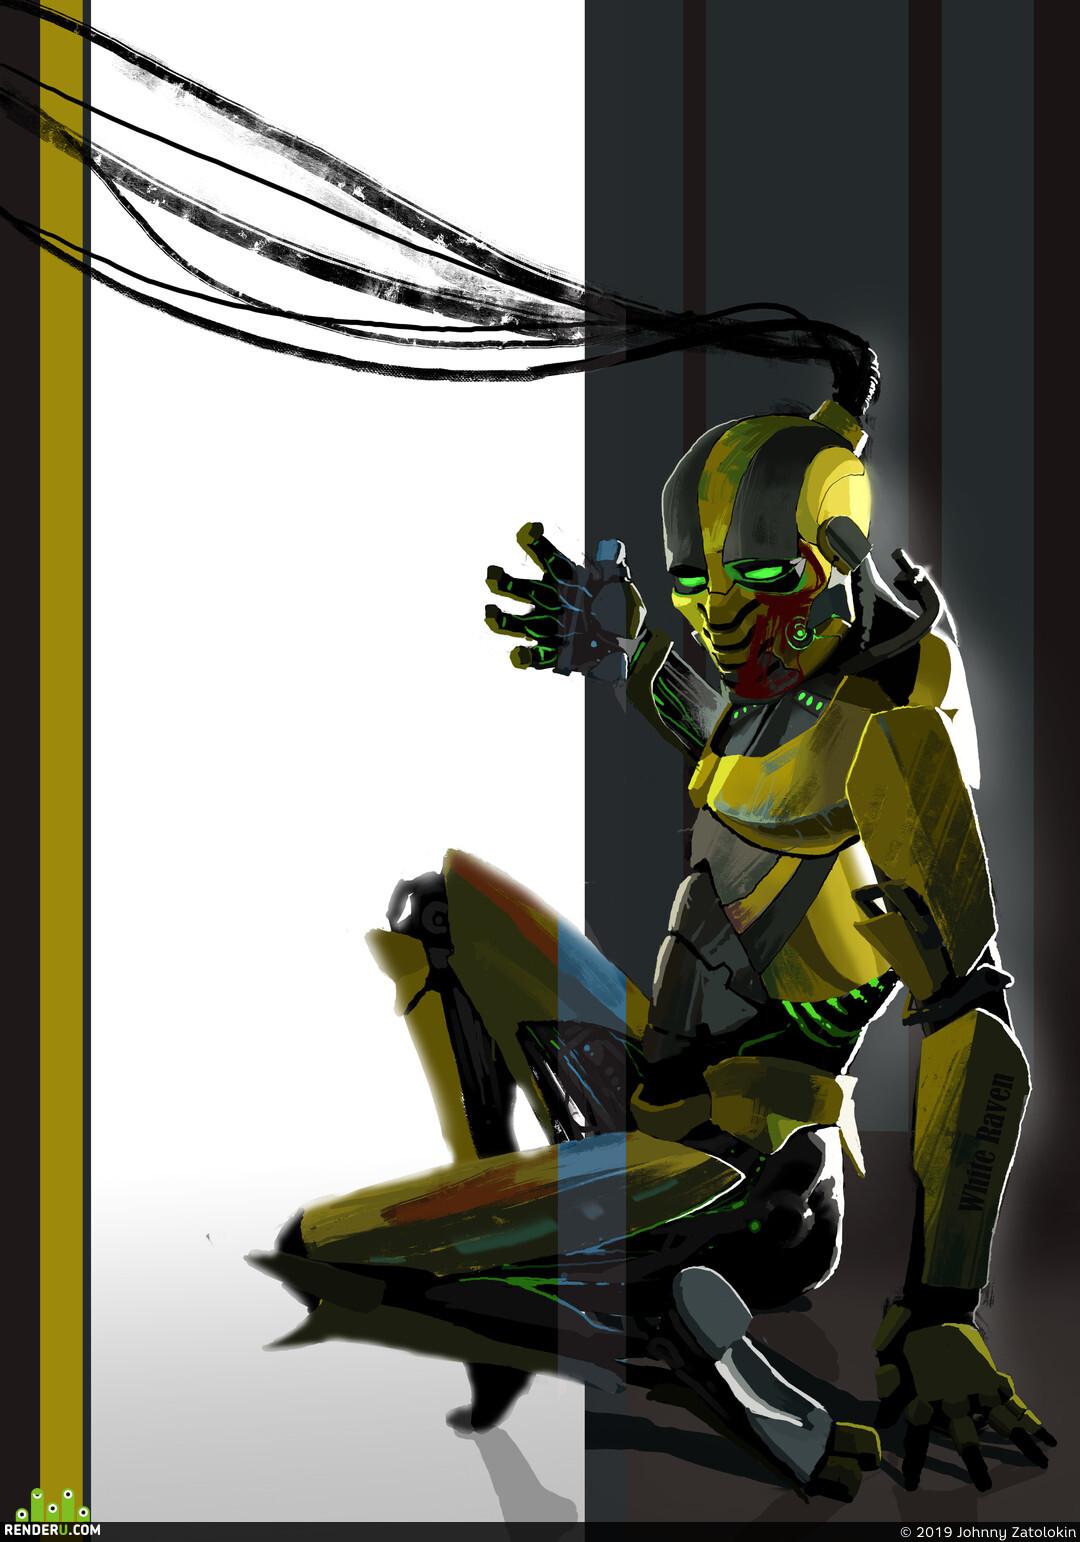 Роботы, киборг, убийца, ниндзя, Сайрекс, Смертельная битва, фанарт, Боевая фантастика, Фантастика, научная фантастика